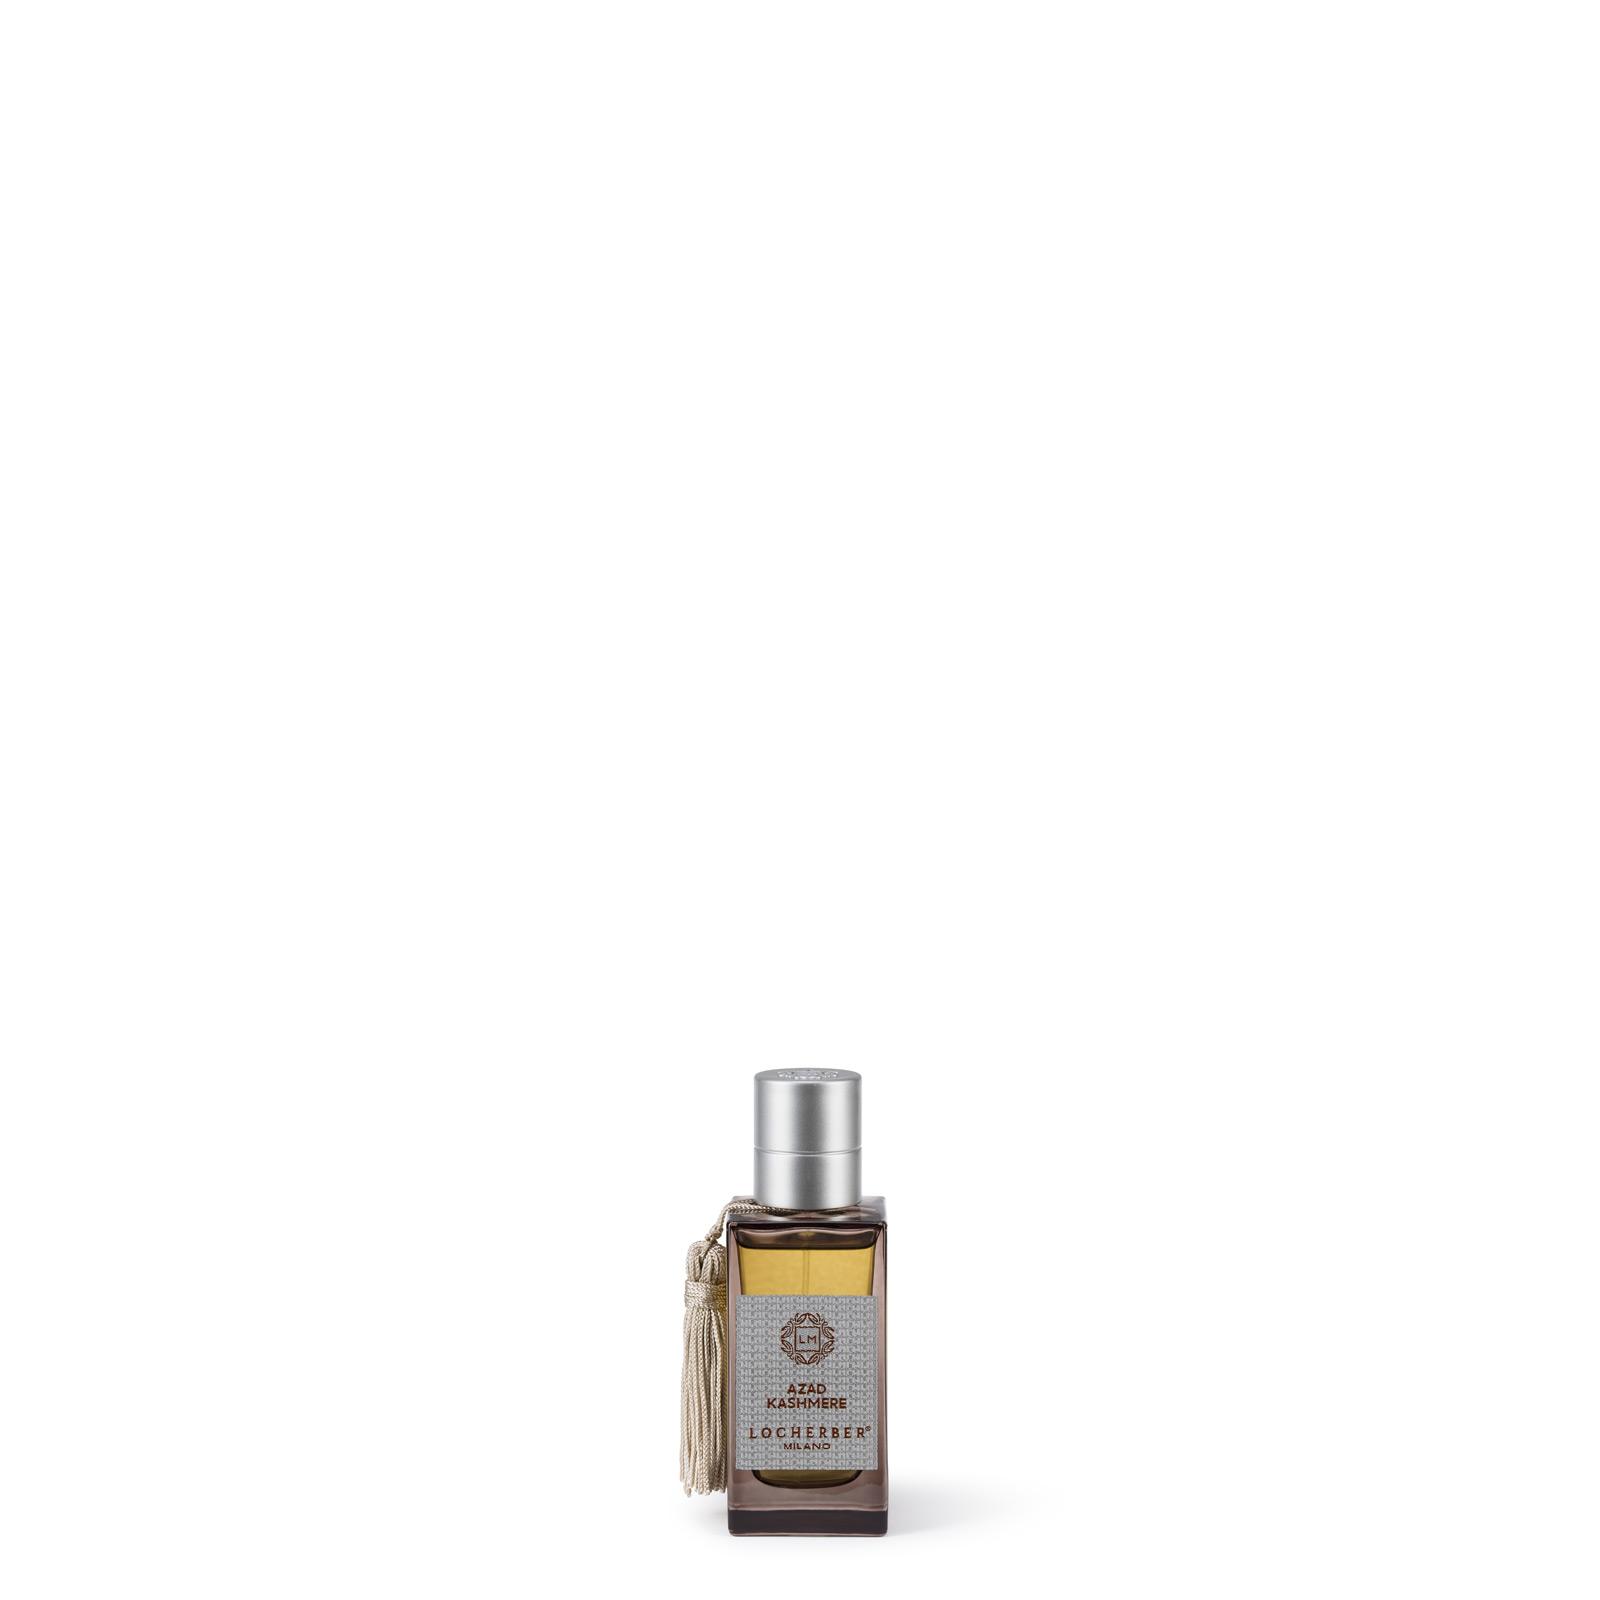 Locherber Milano - Azad Kashmere - Eau de Parfum 50 ml